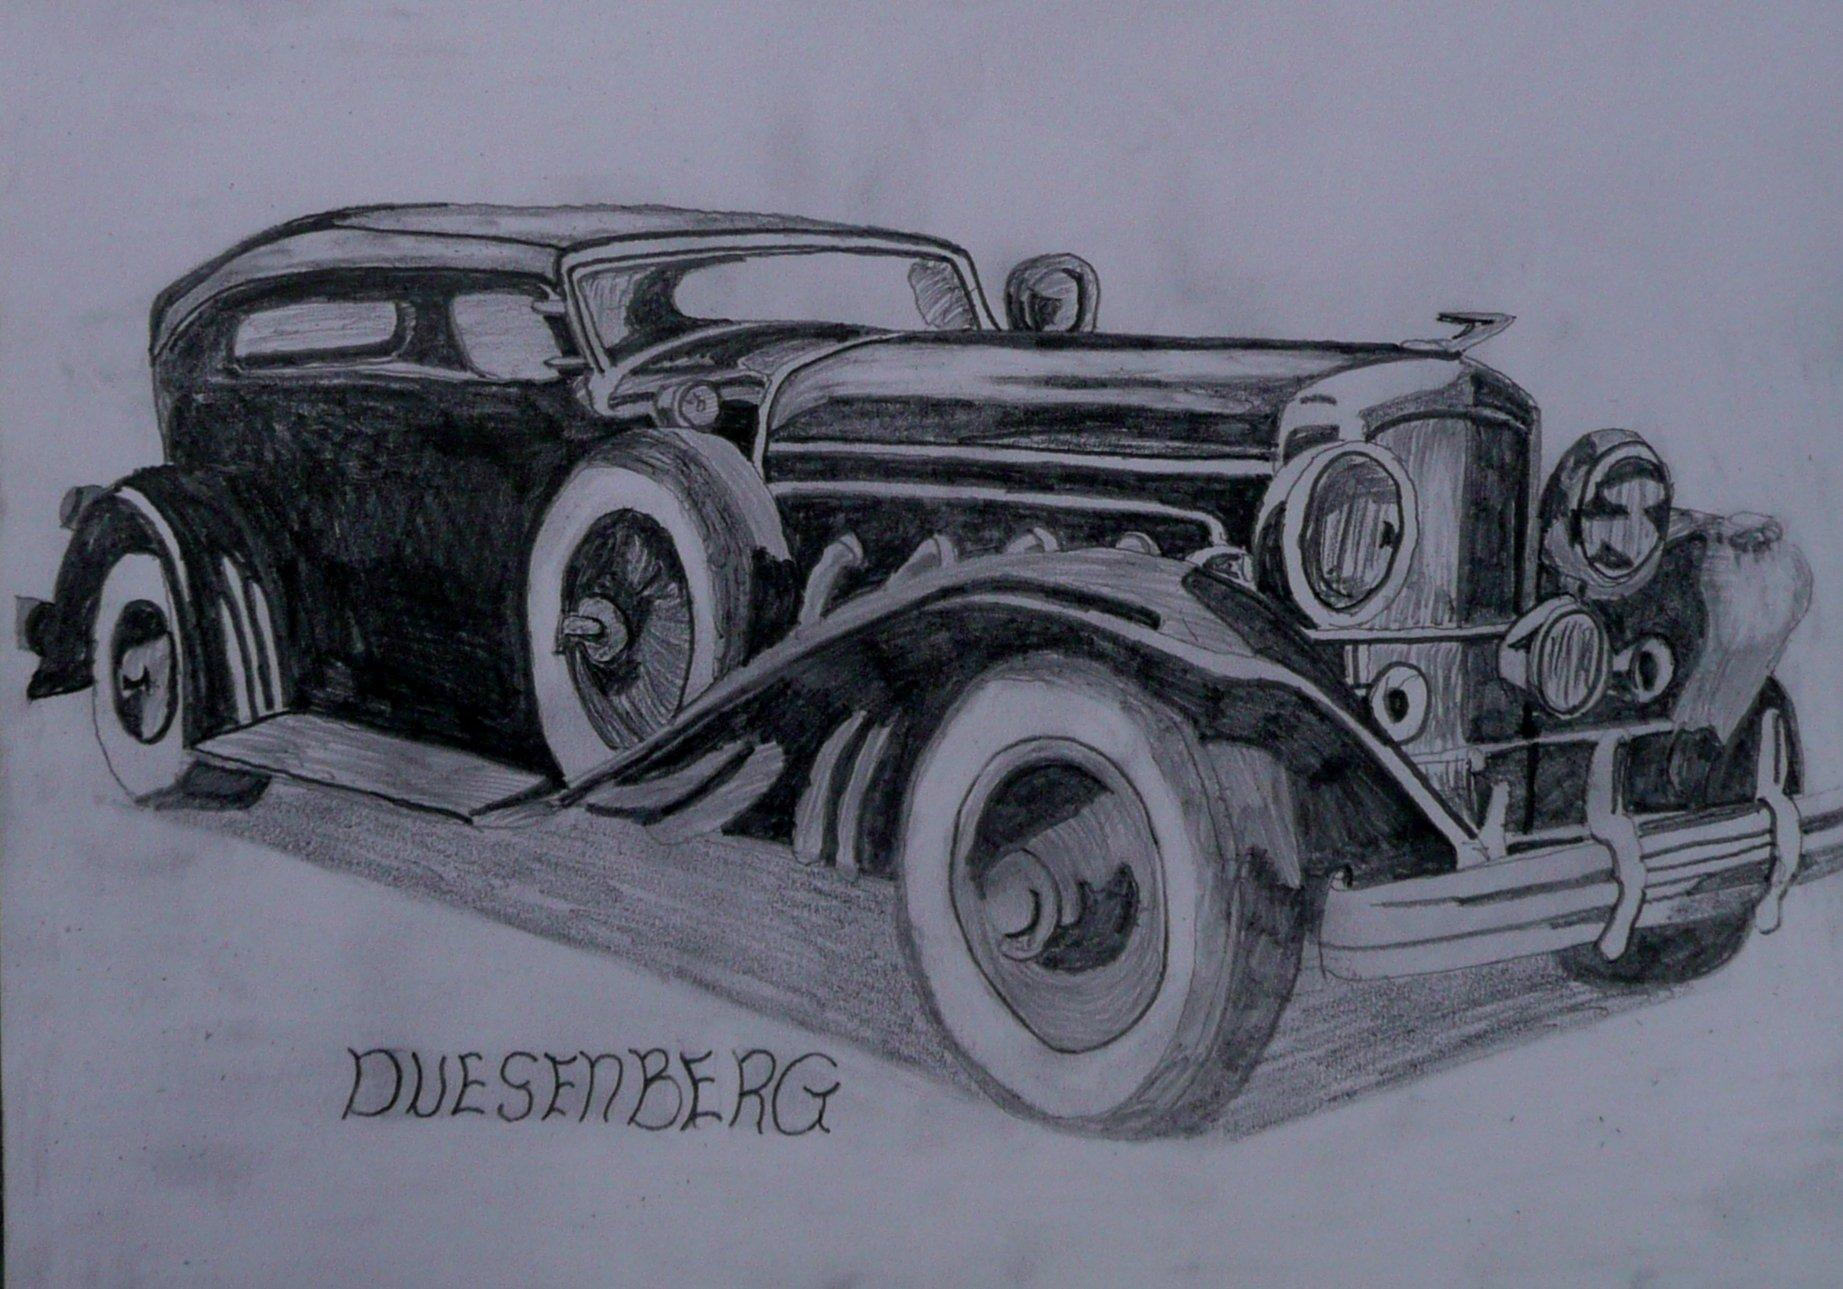 Duesenberg by